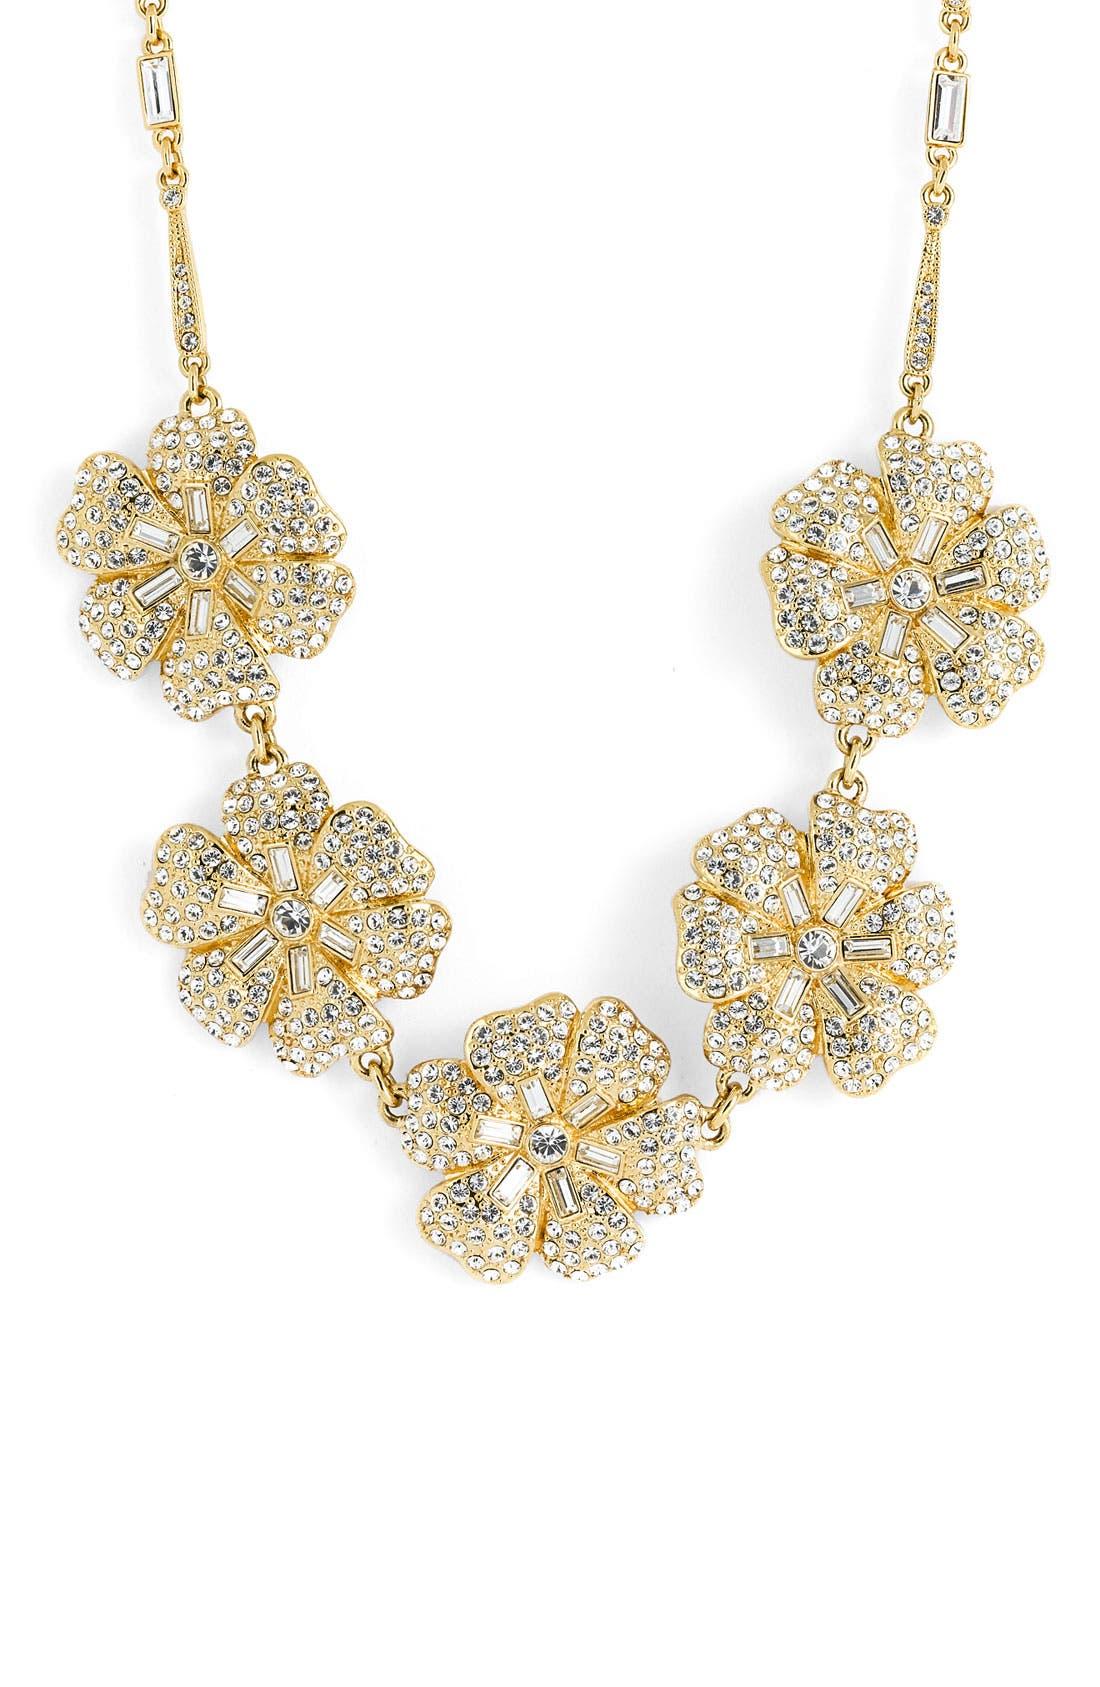 Main Image - kate spade new york 'pavé posey' necklace